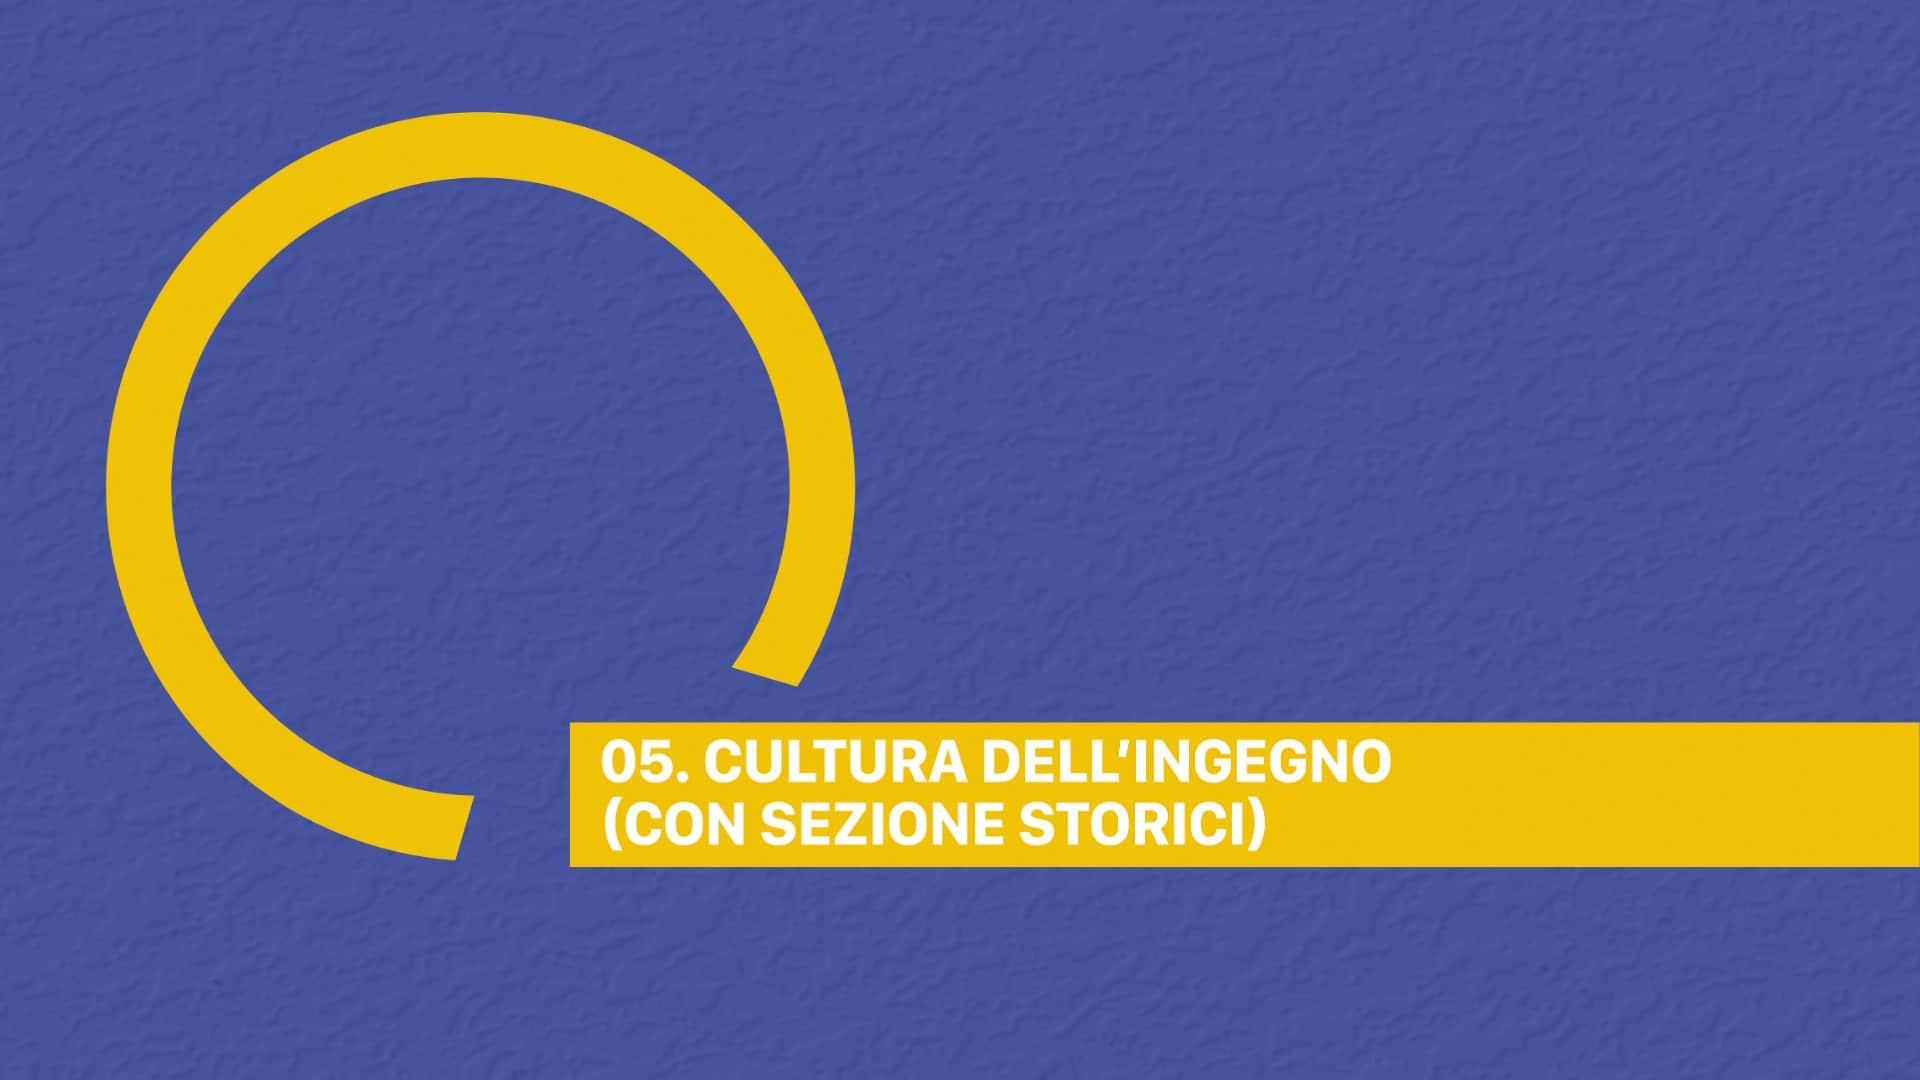 05. CULTURA DELL'INGEGNO (CON SEZIONE STORICI)